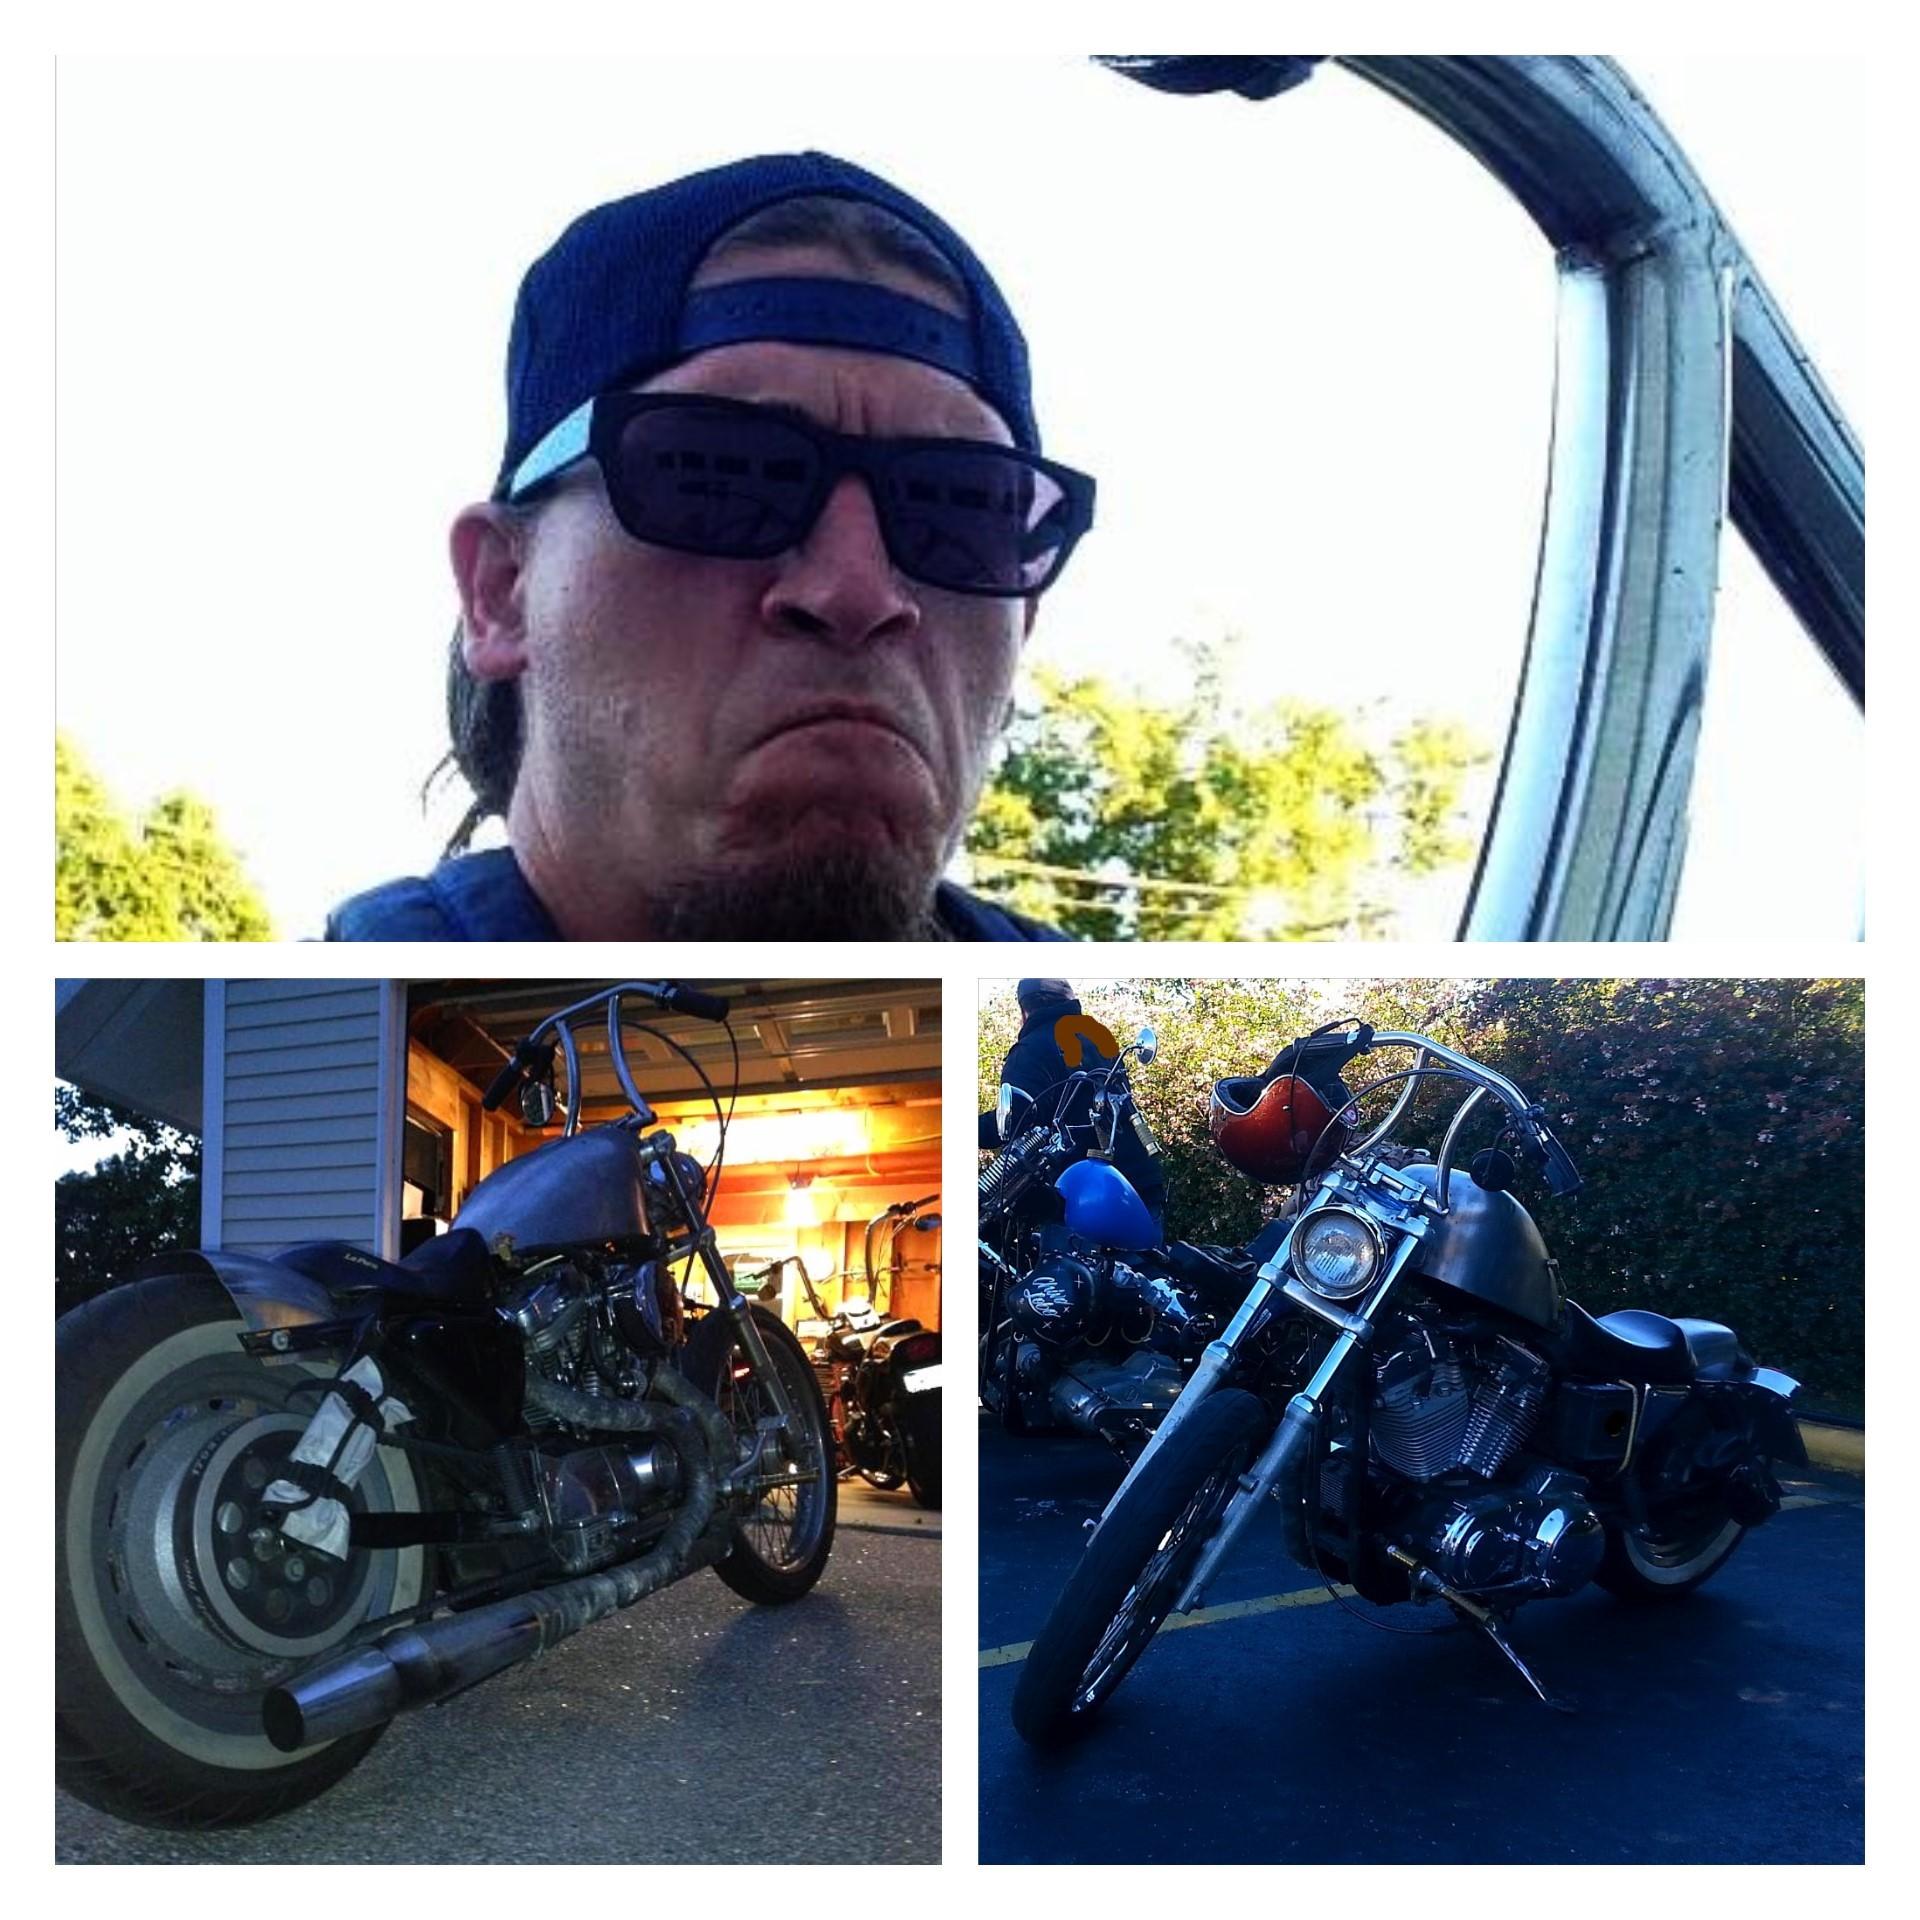 TriBen_Deep_Six_Cycles_Equipped!.jpg